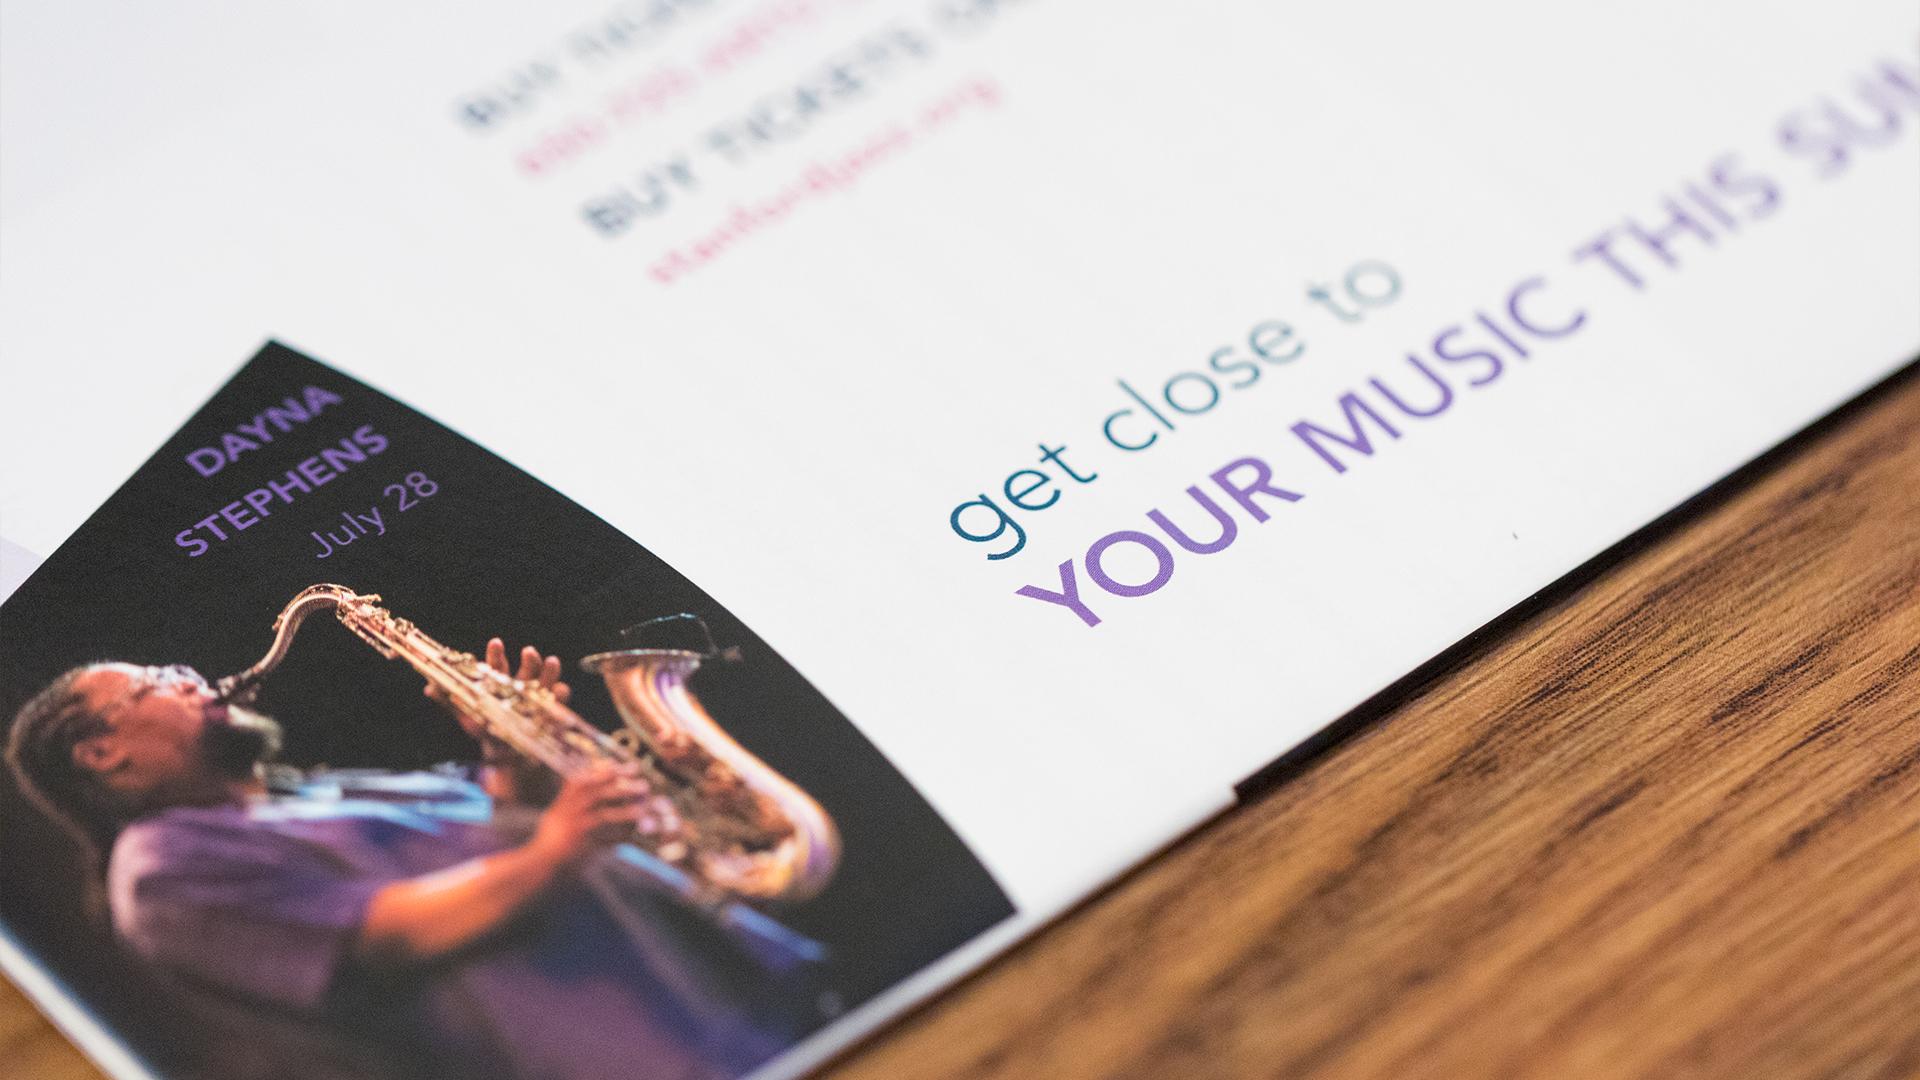 Print – Festival Mailer (Dayna Stephens Close-Up)